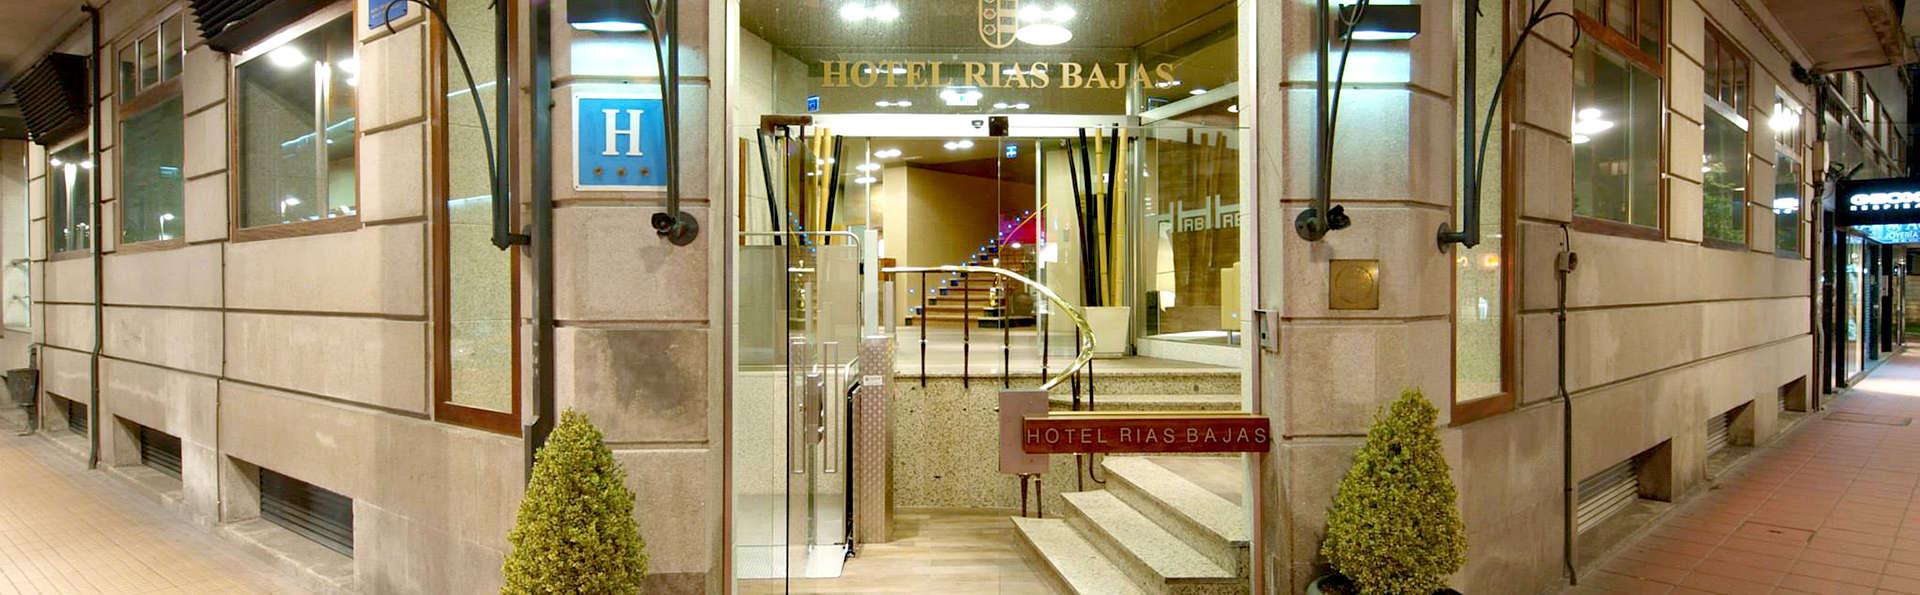 Hotel Rías Bajas - Edit_Front.jpg